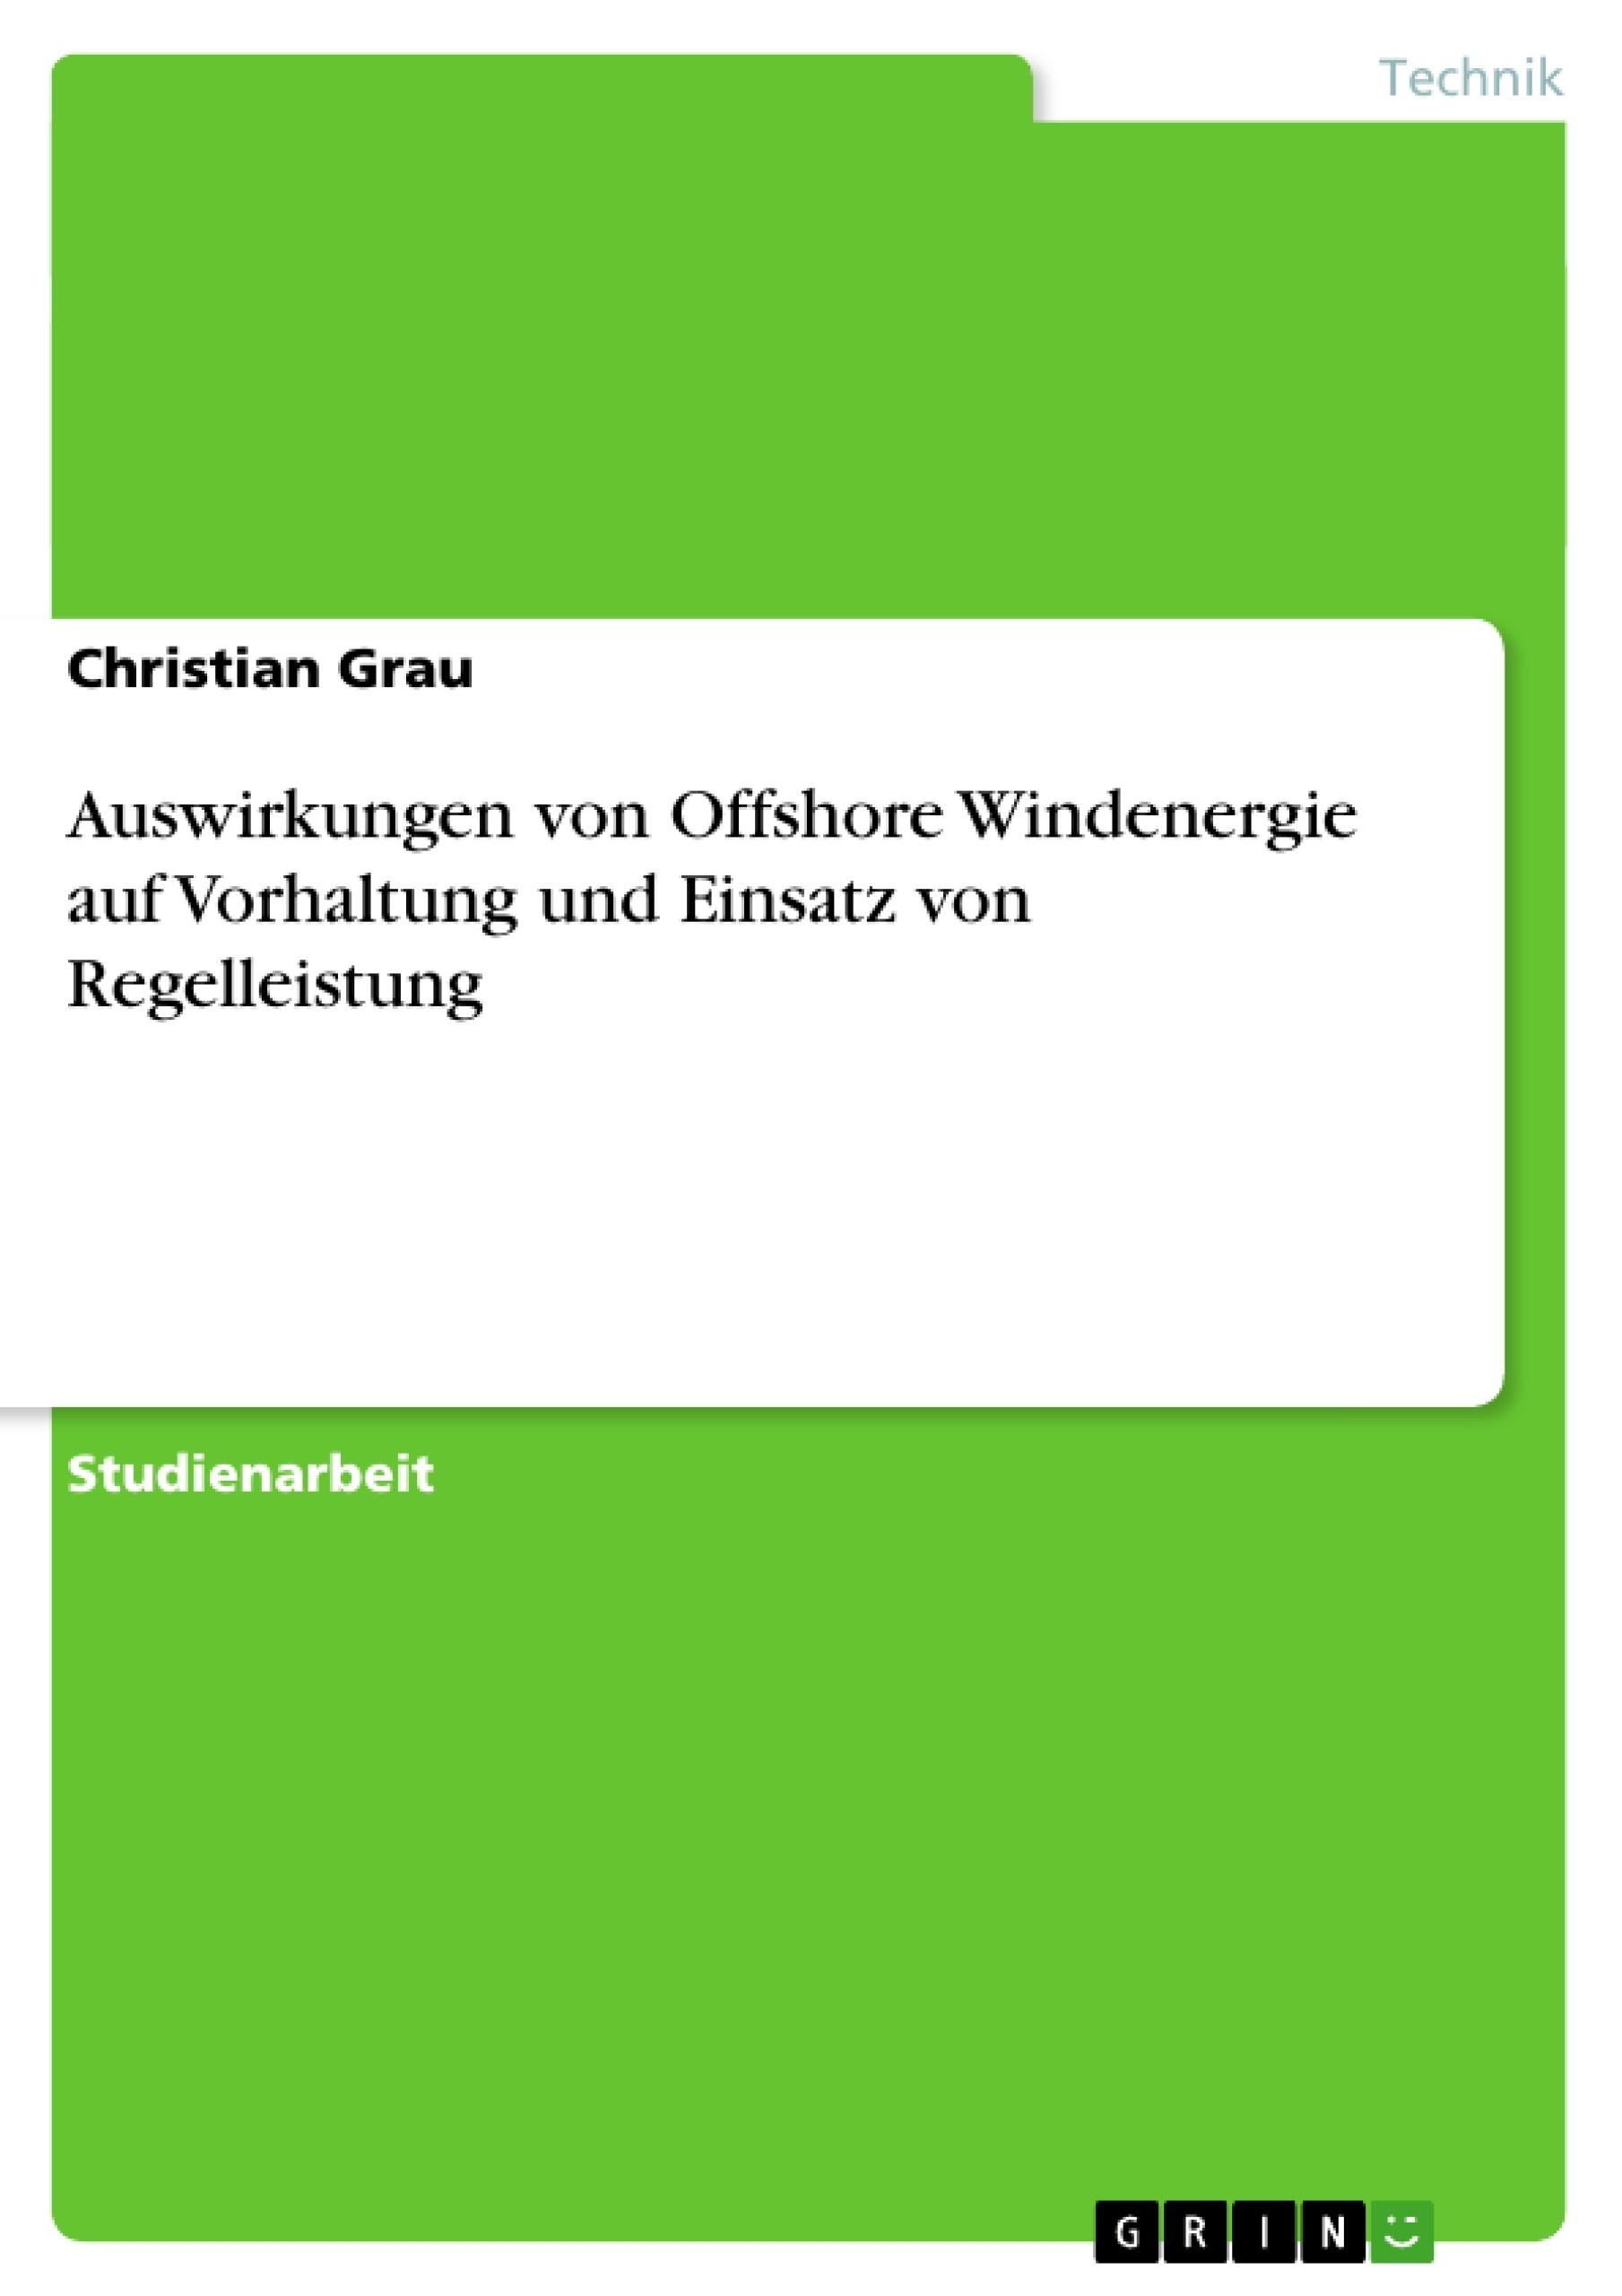 Titel: Auswirkungen von Offshore Windenergie auf Vorhaltung und Einsatz von Regelleistung